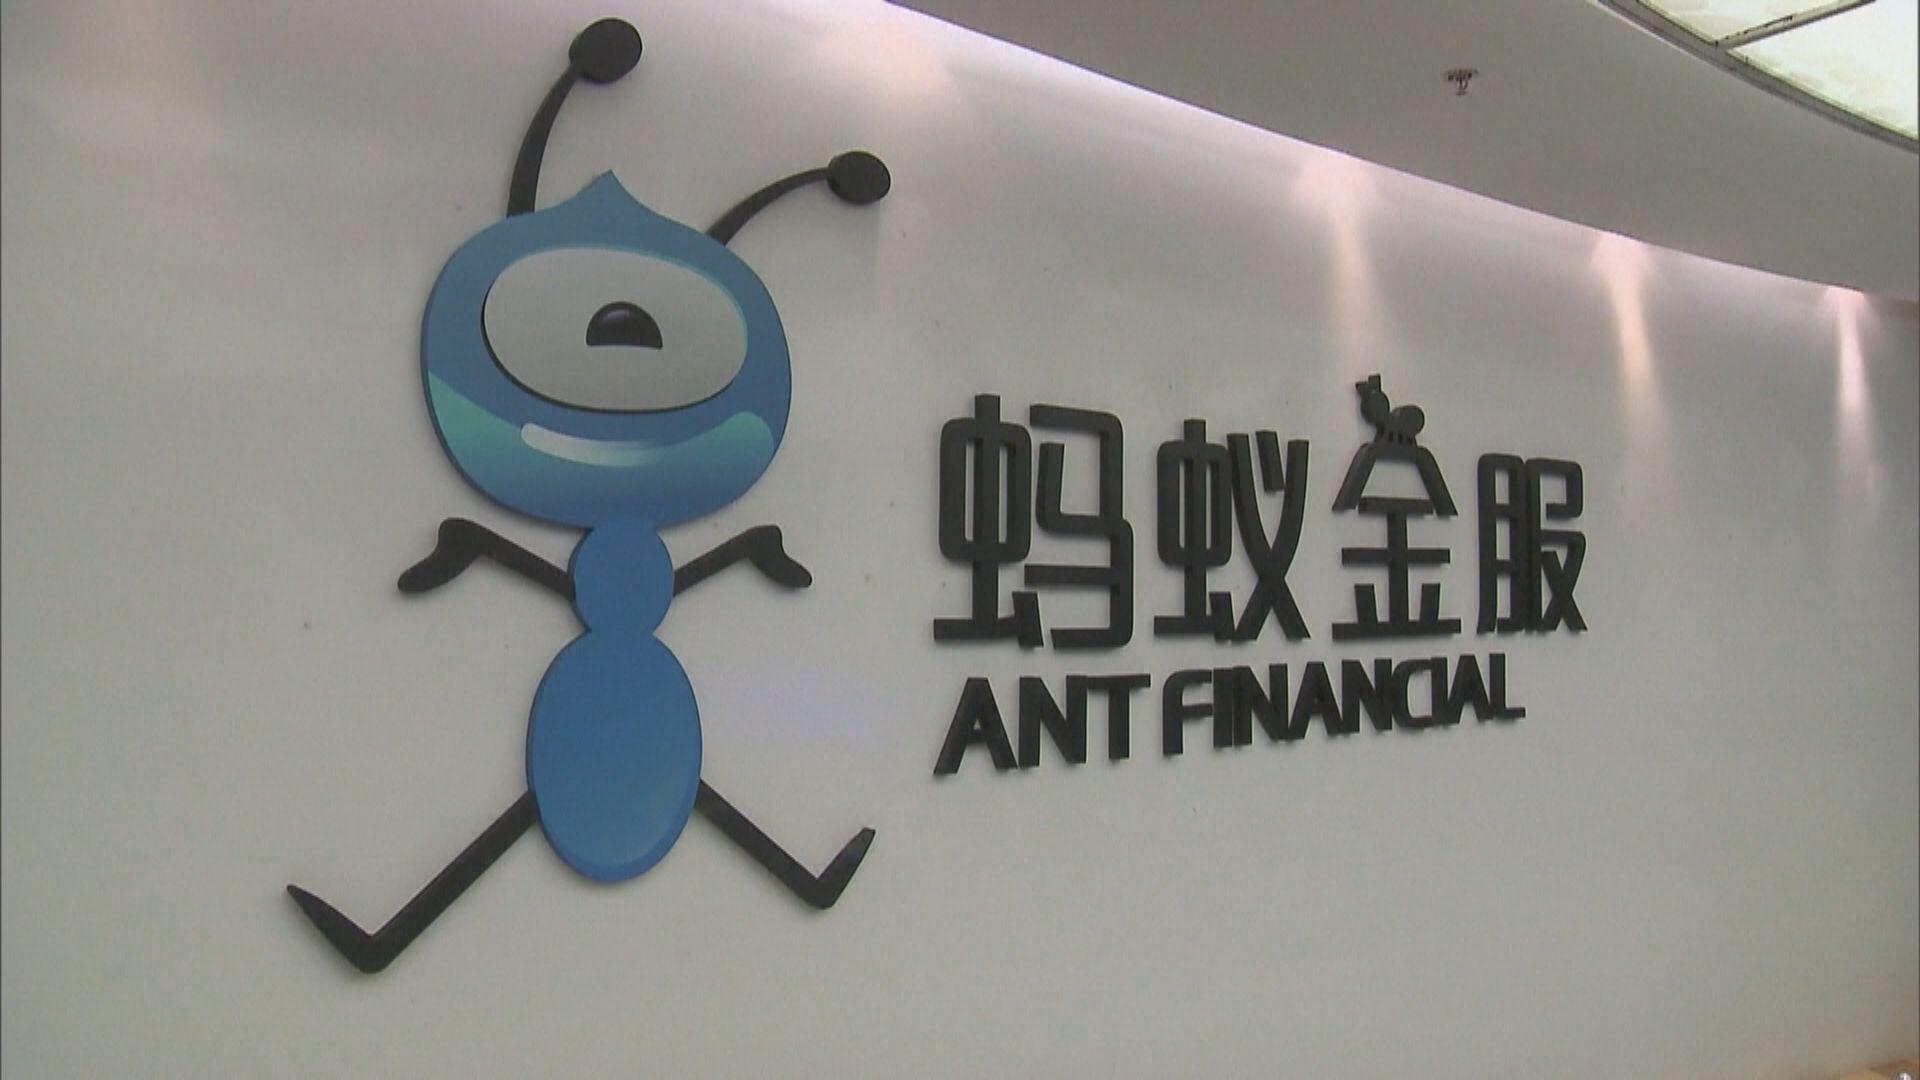 證券行為螞蟻上市孖展部署如常